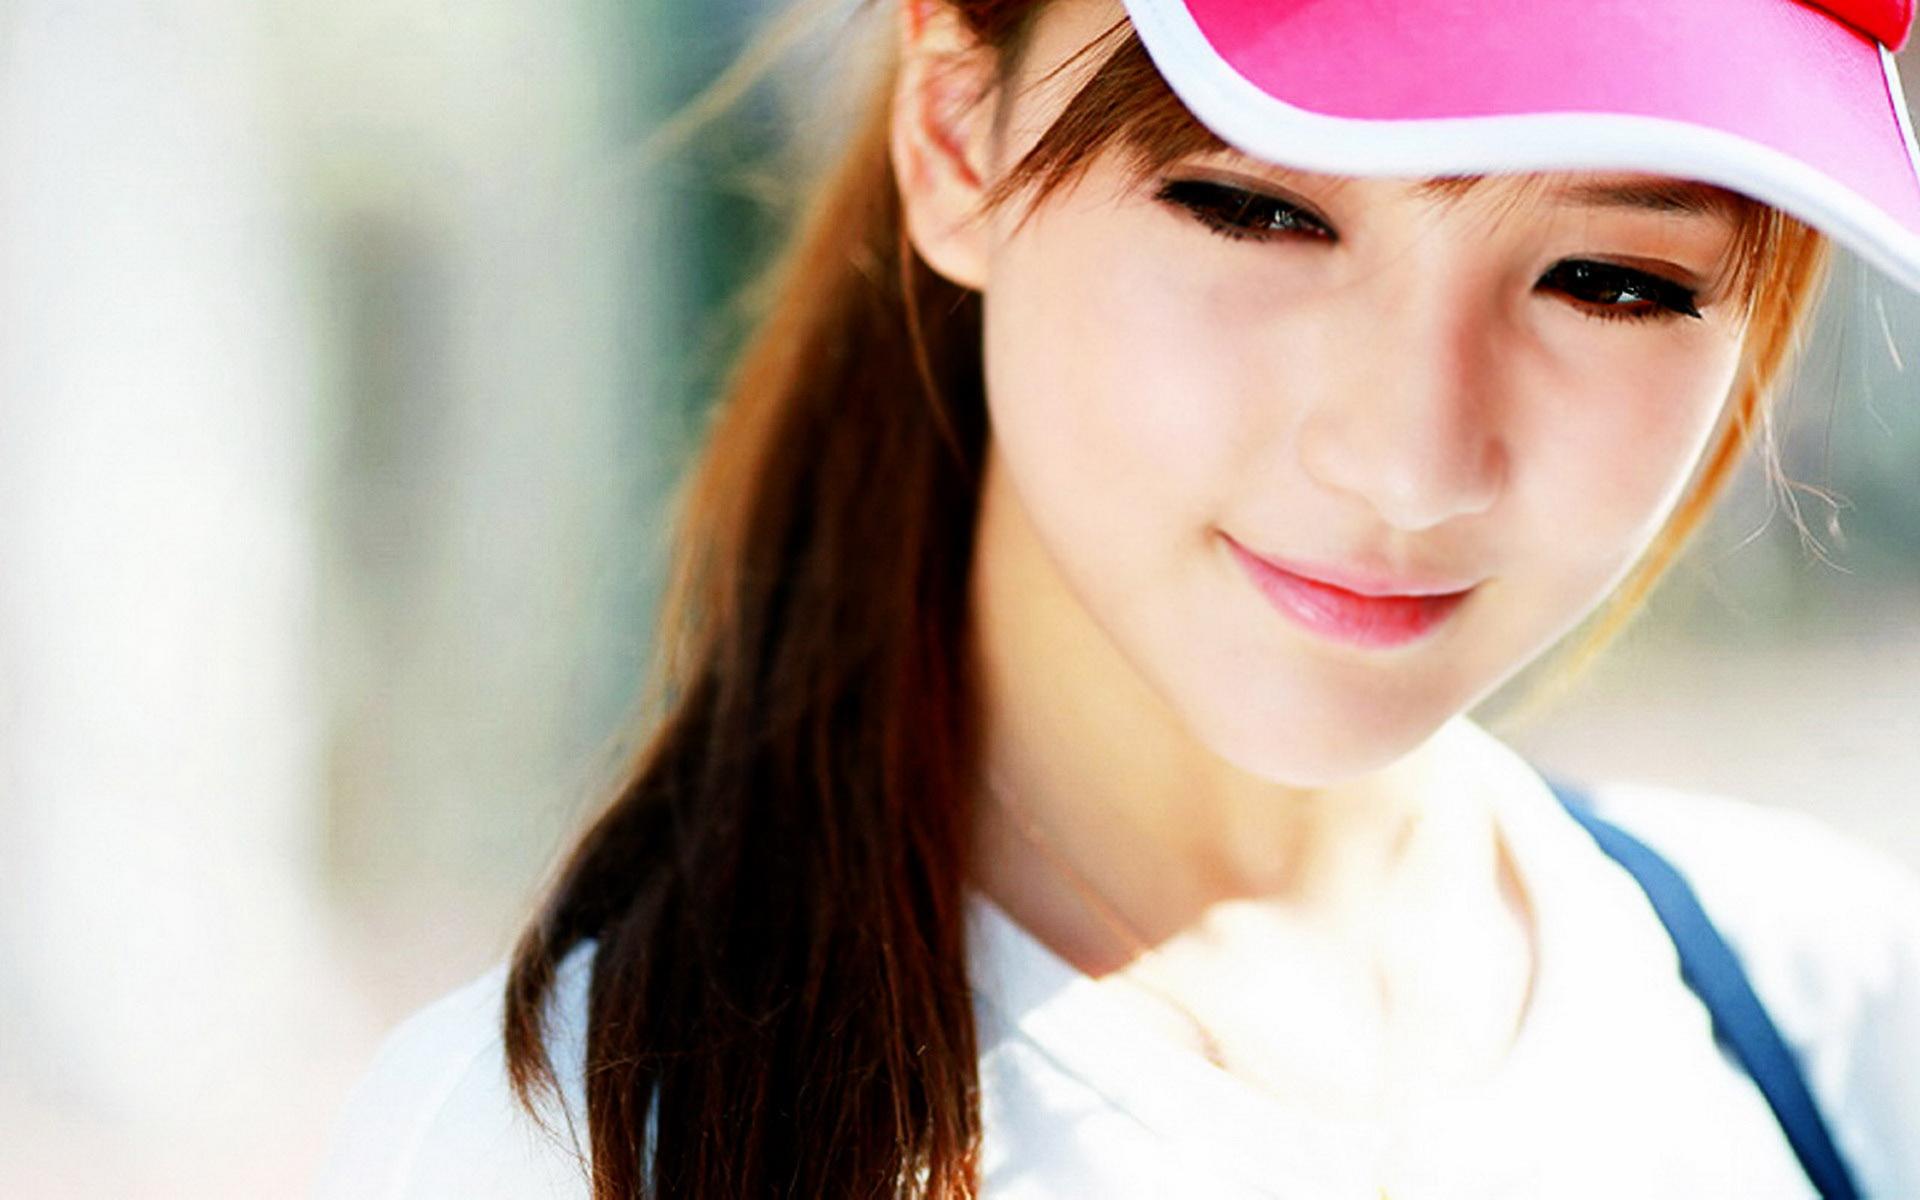 Description: Cute Asian Girl Wallpaper HD is a hi res Wallpaper for pc